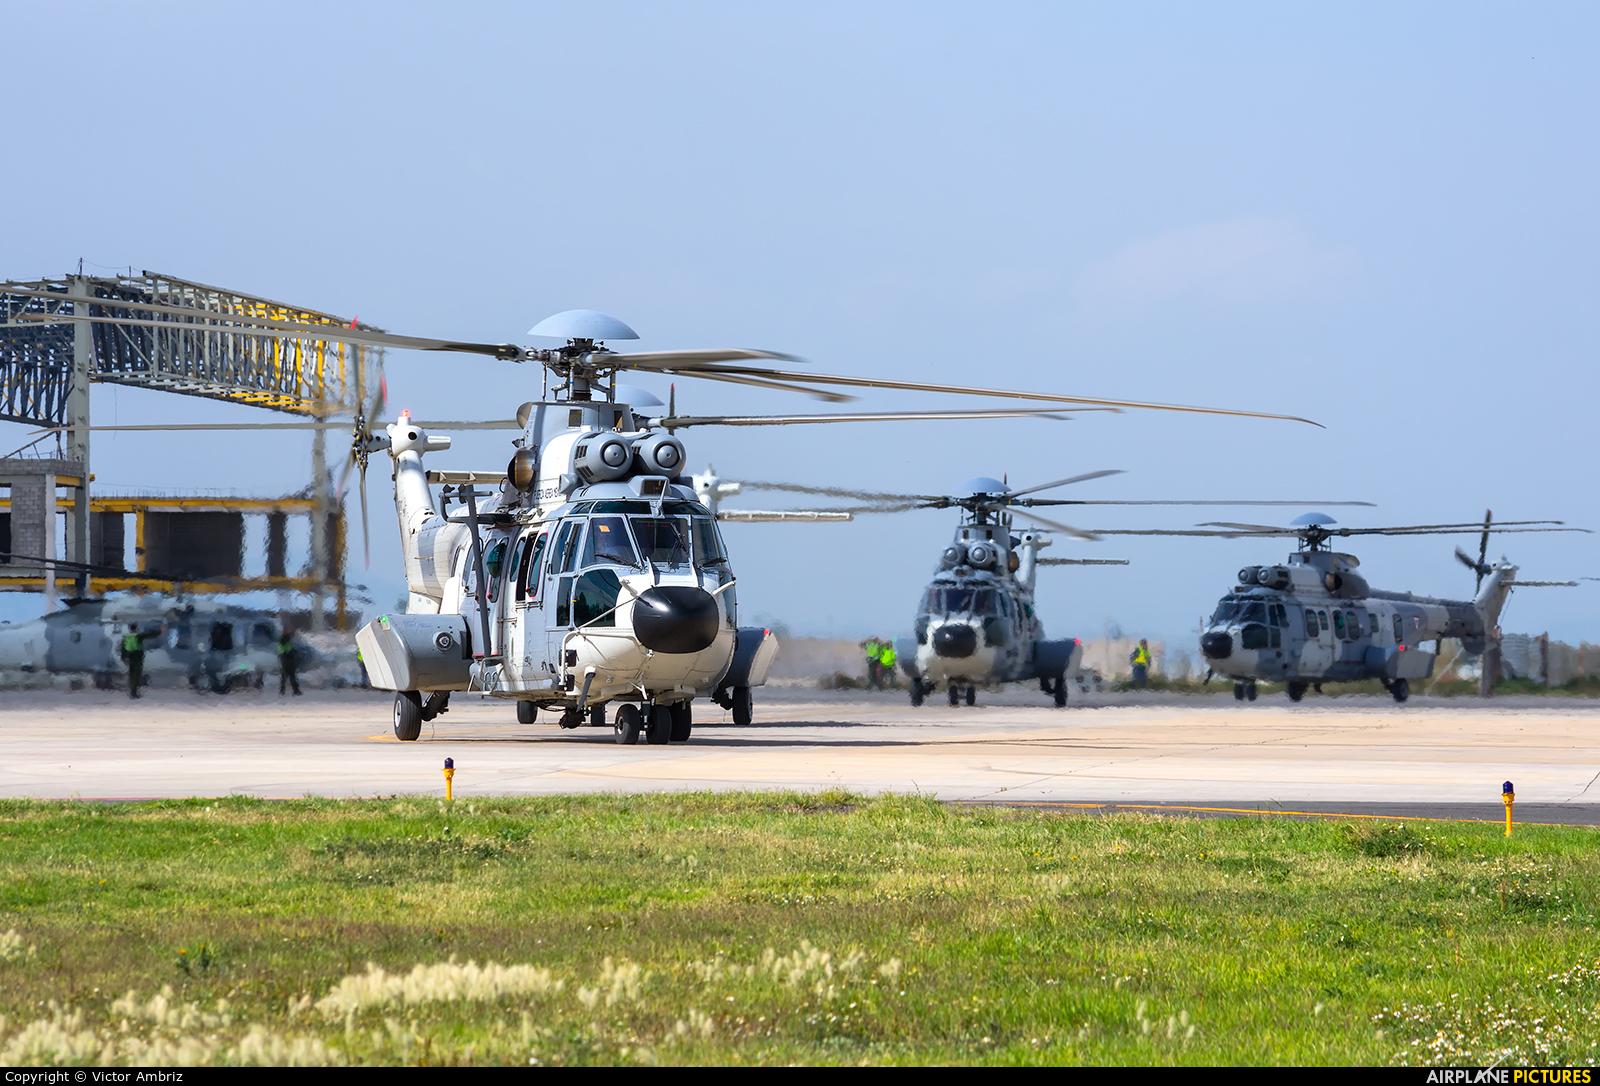 Mexico - Air Force 1011 aircraft at Santa Lucia AB